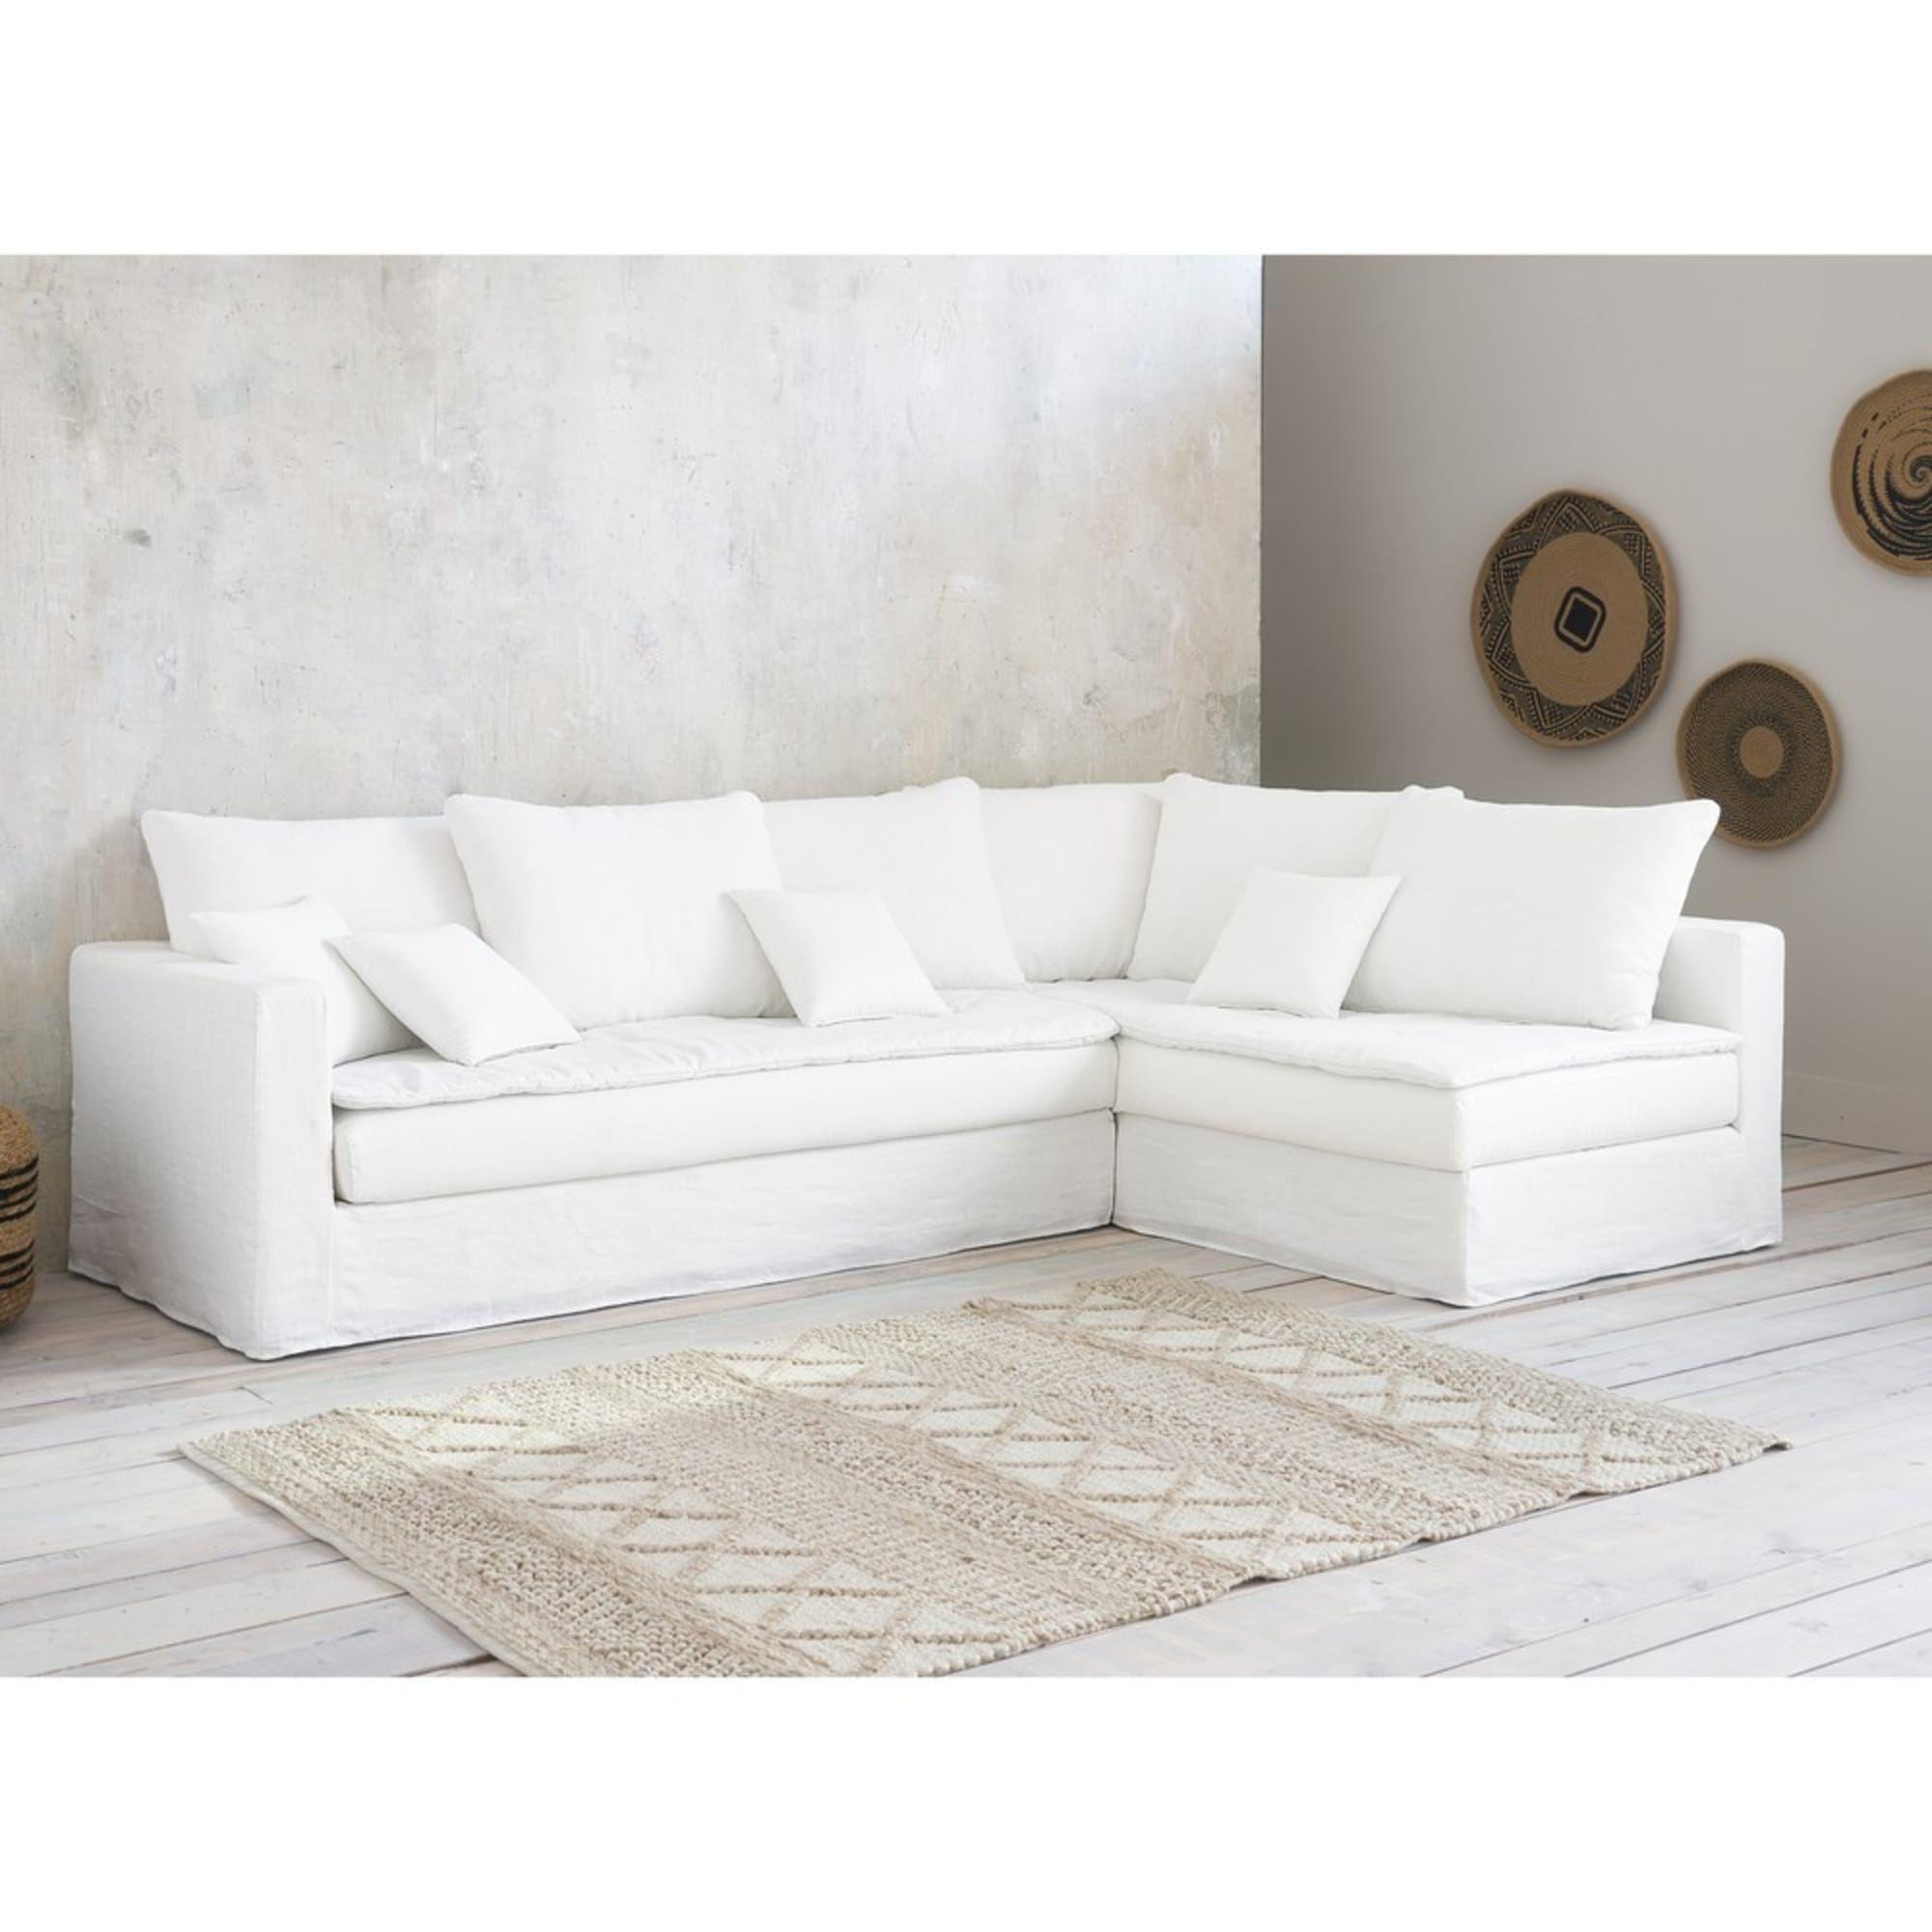 Canape D Angle 5 Places En Lin Lave Blanc Maisons Du Monde In 2020 White Sofas Linen Corner Sofa Corner Sofa Living Room